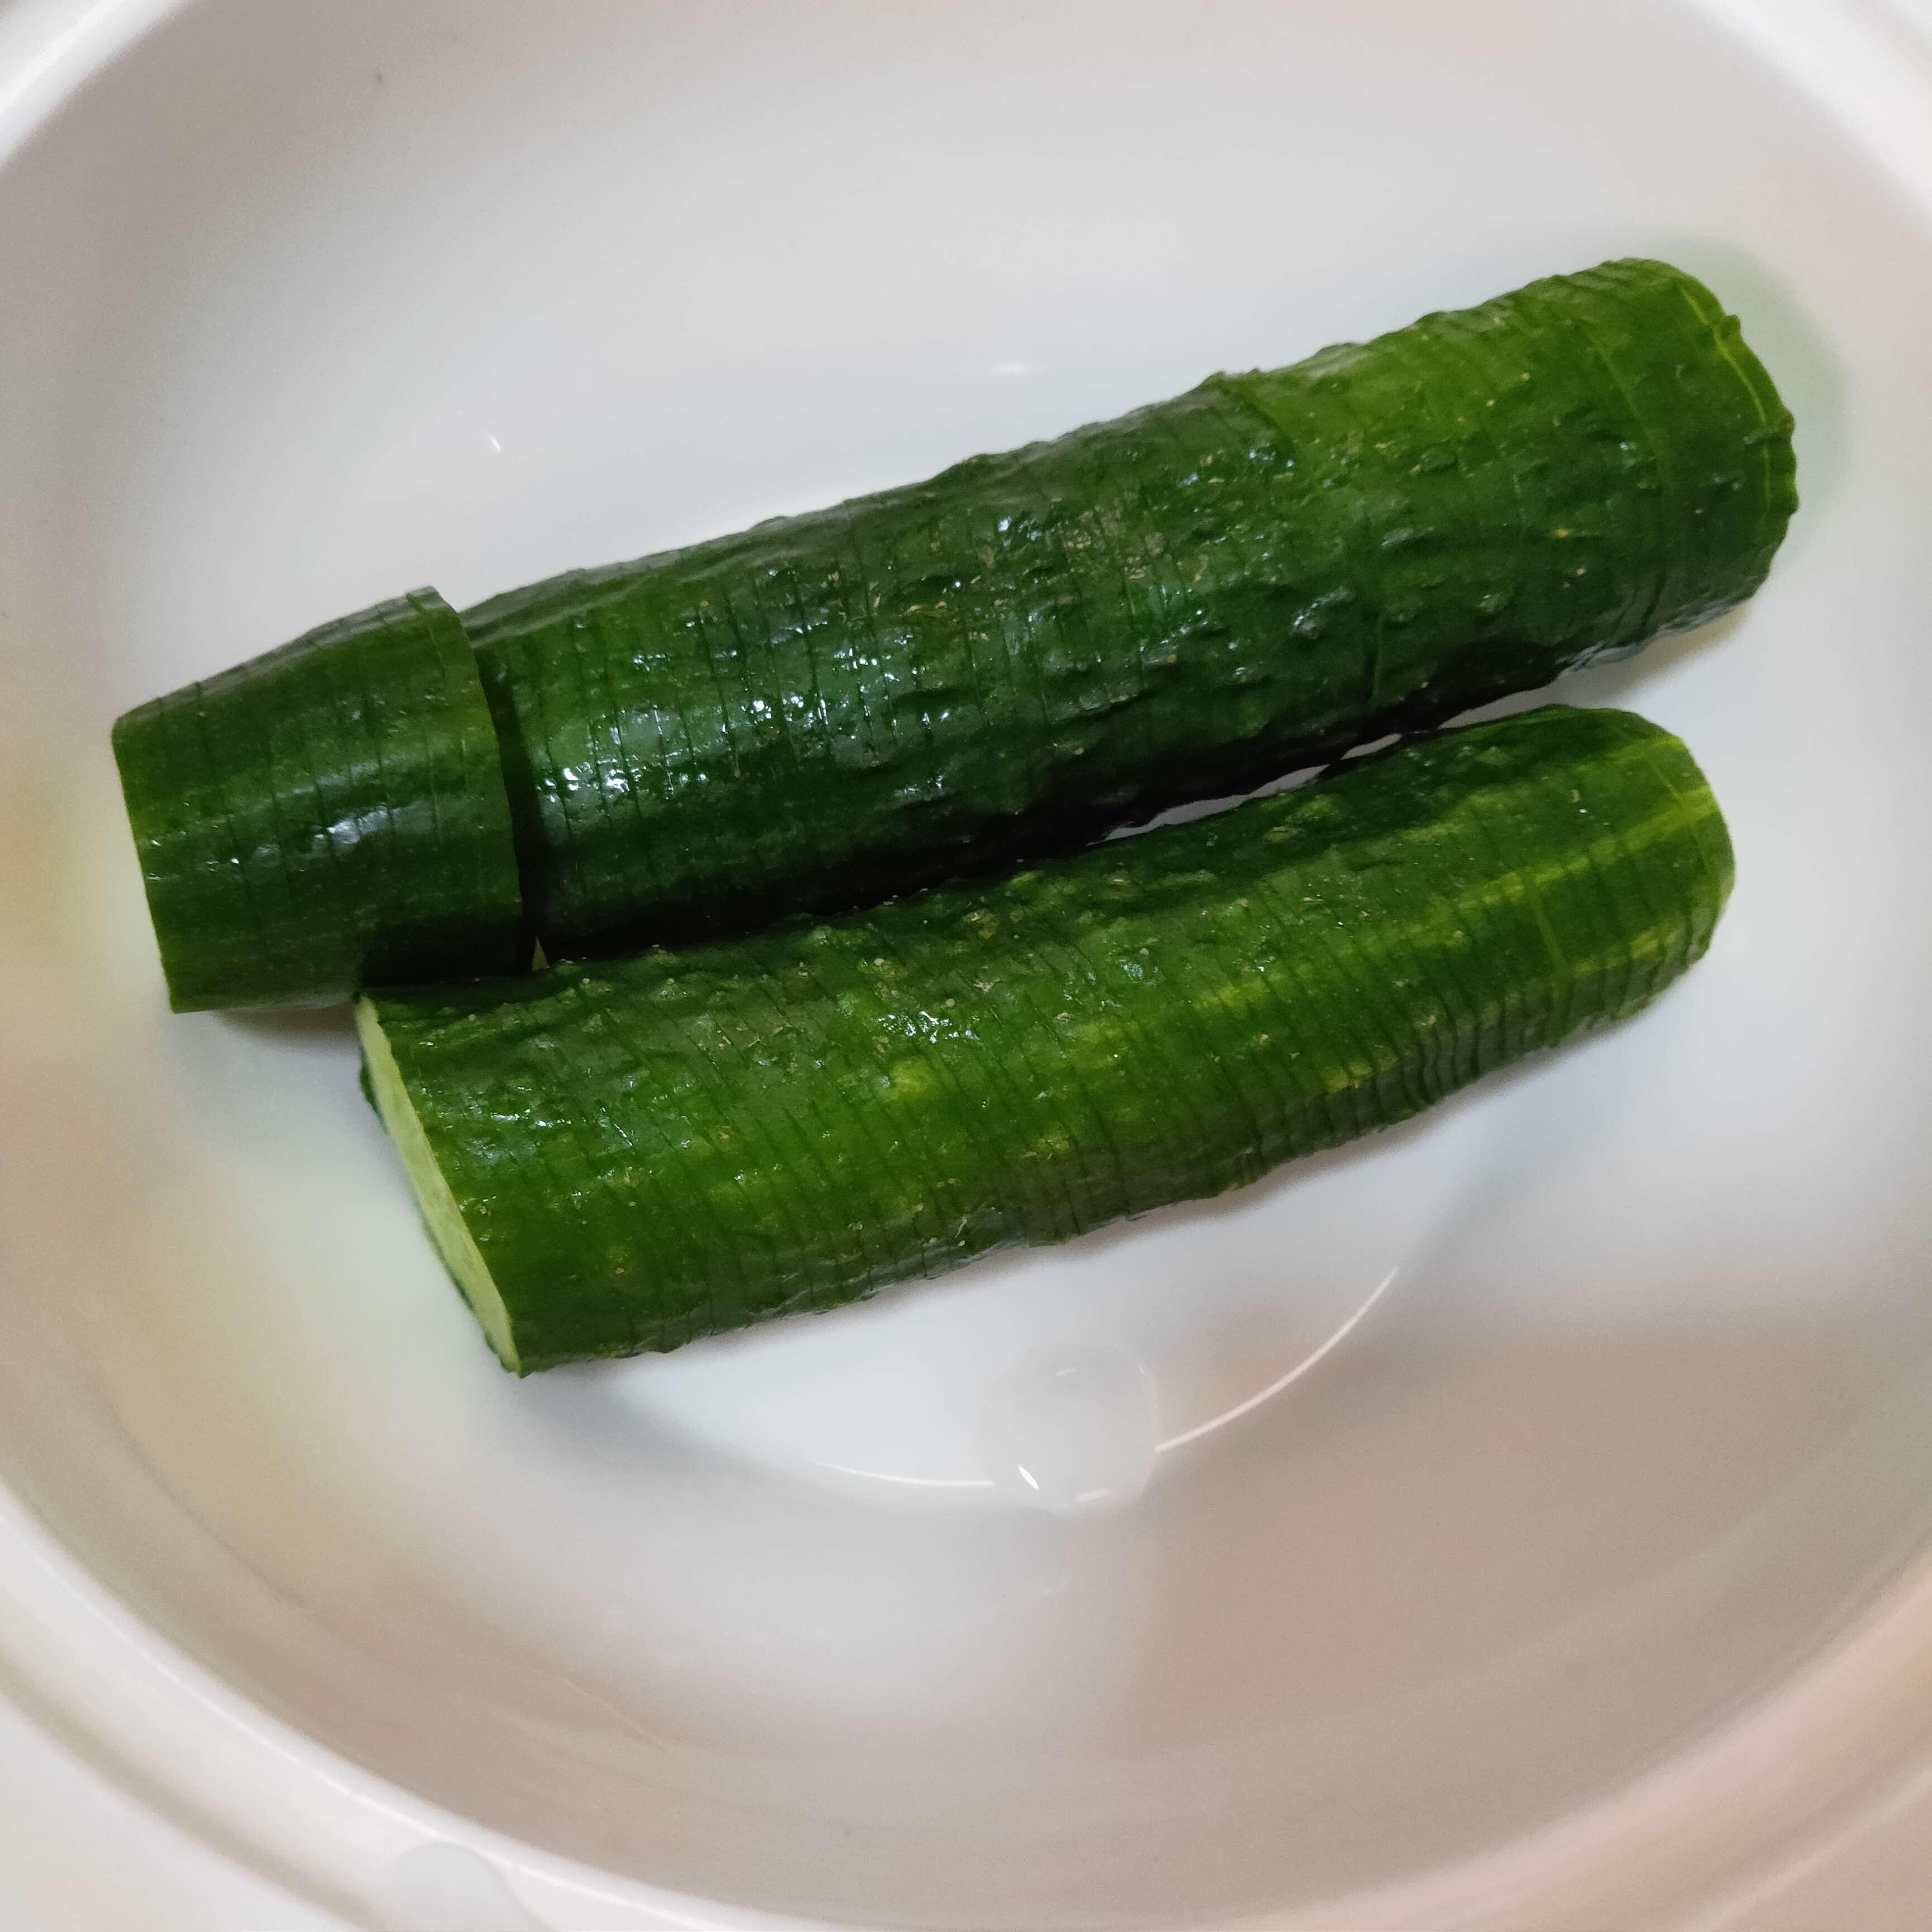 凉拌黄瓜的做法图解